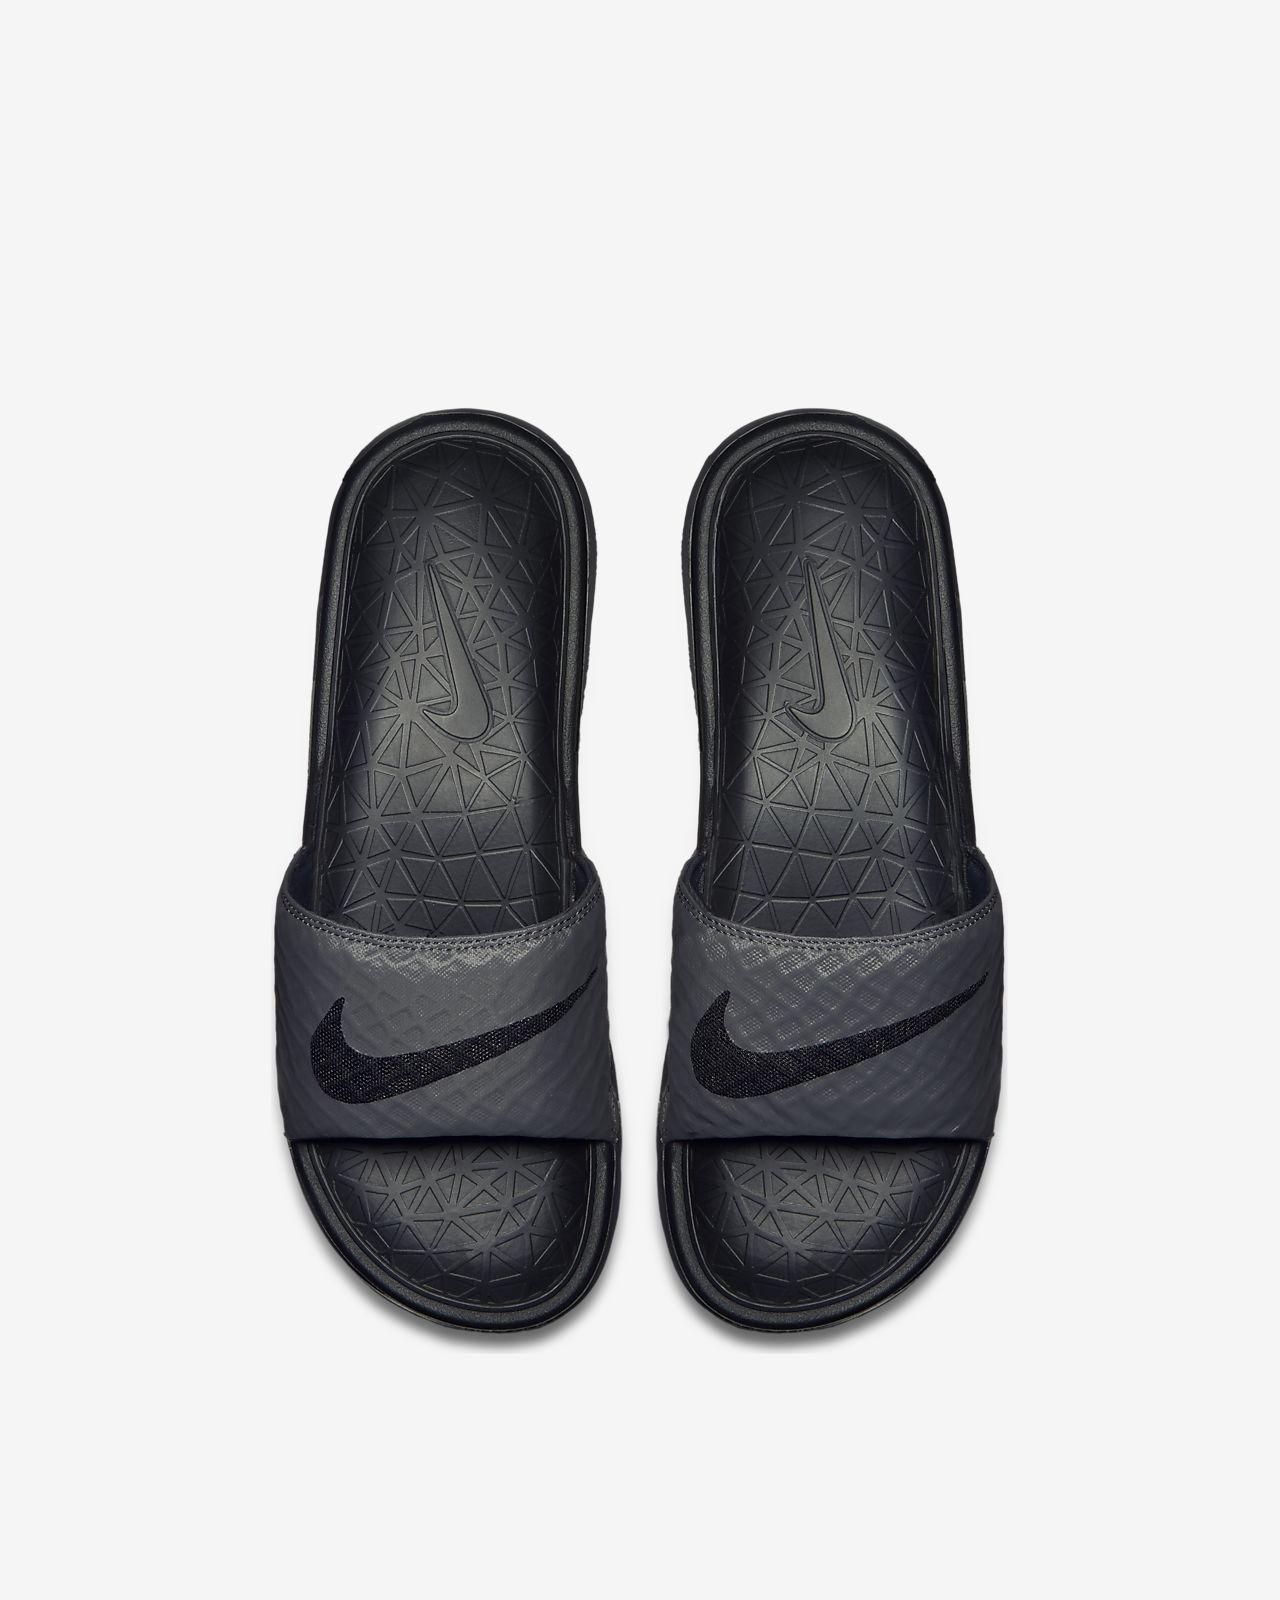 93c6722bd76 Claquette Nike Benassi Solarsoft 2 pour Homme. Nike.com FR